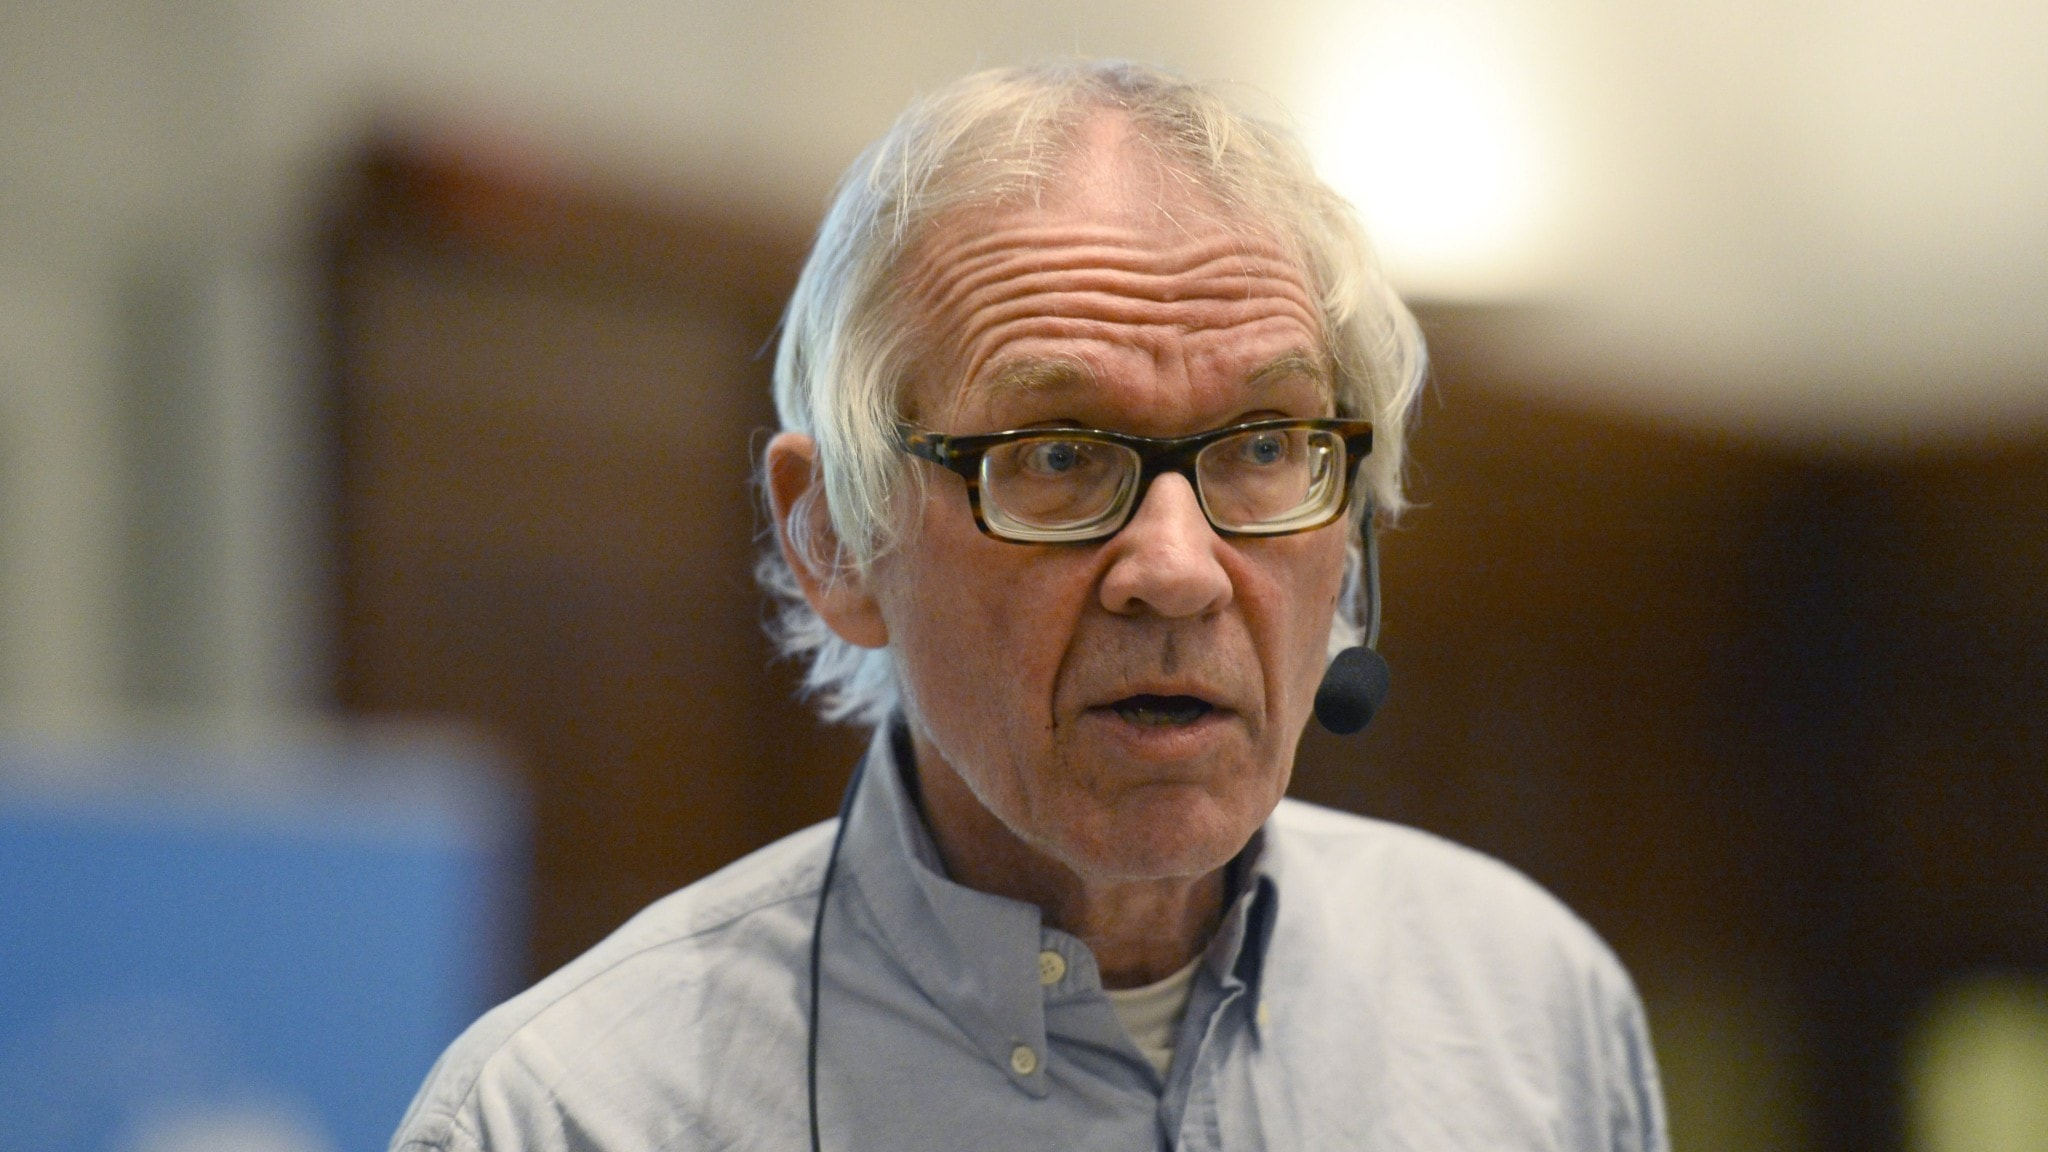 Lars Vilks i närbild med mygga på höger kind.